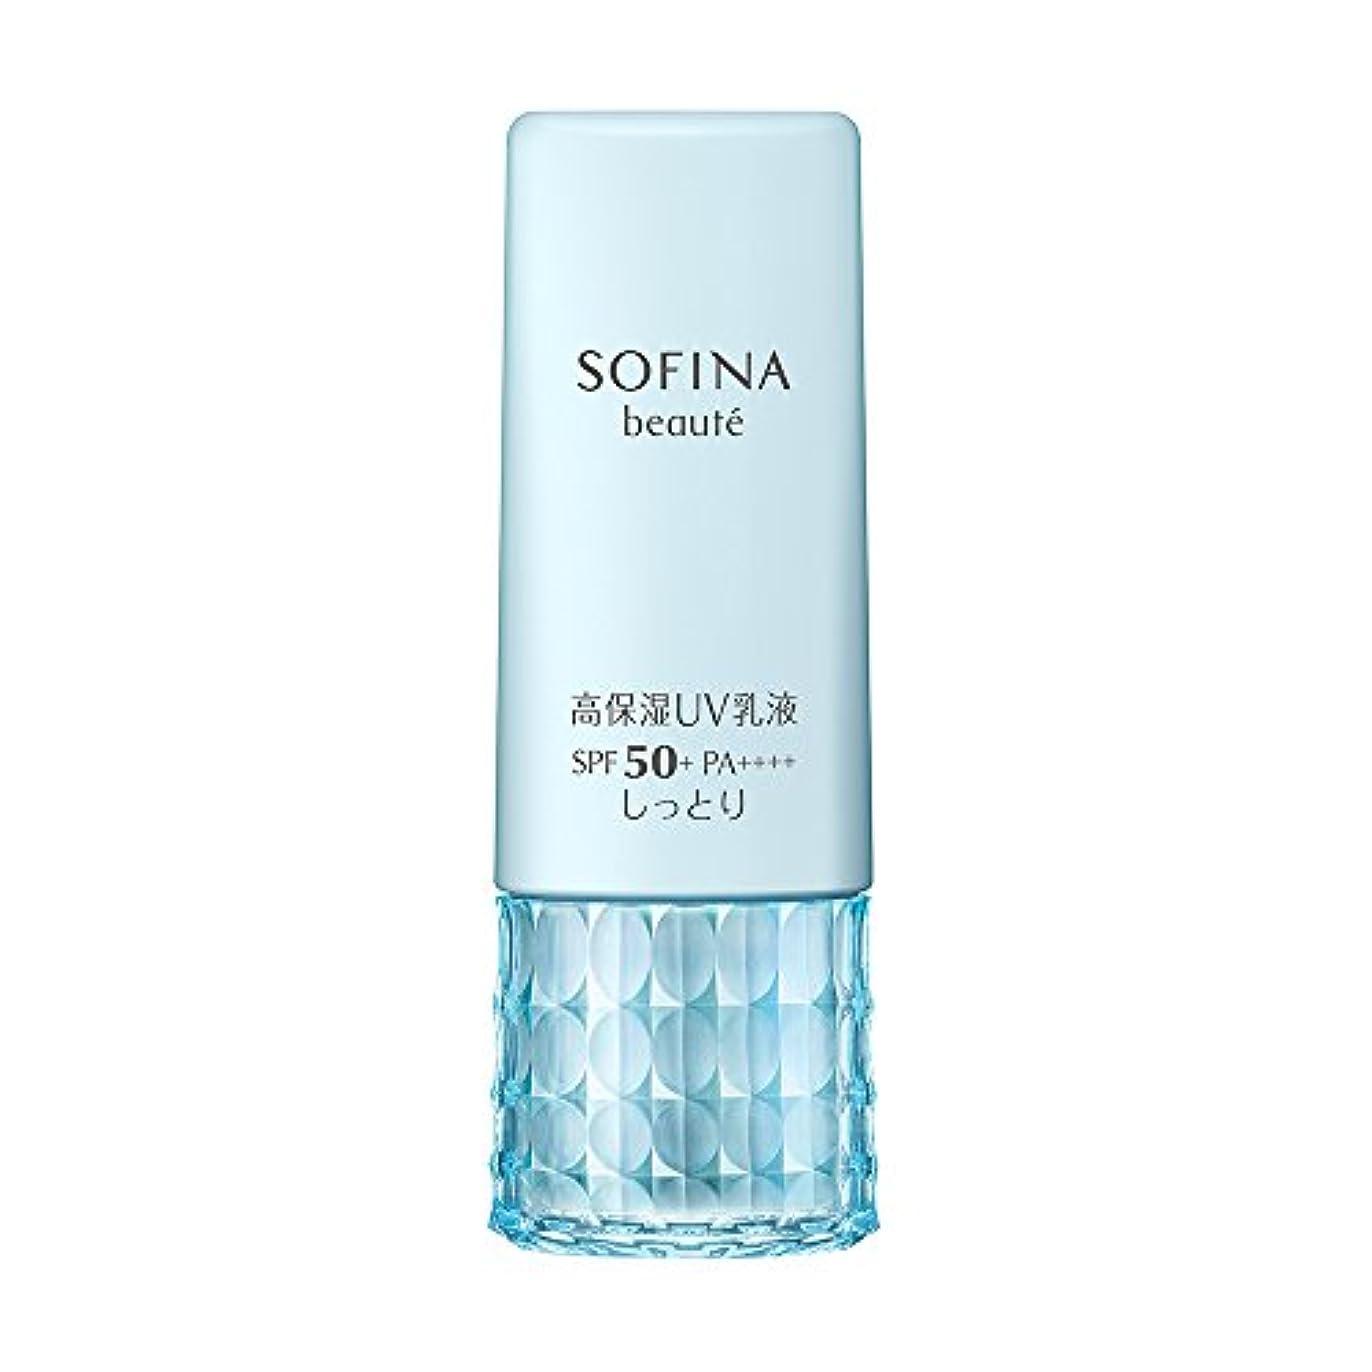 精緻化誇張味わうソフィーナボーテ 高保湿UV乳液 SPF50+ PA++++ しっとり 30g